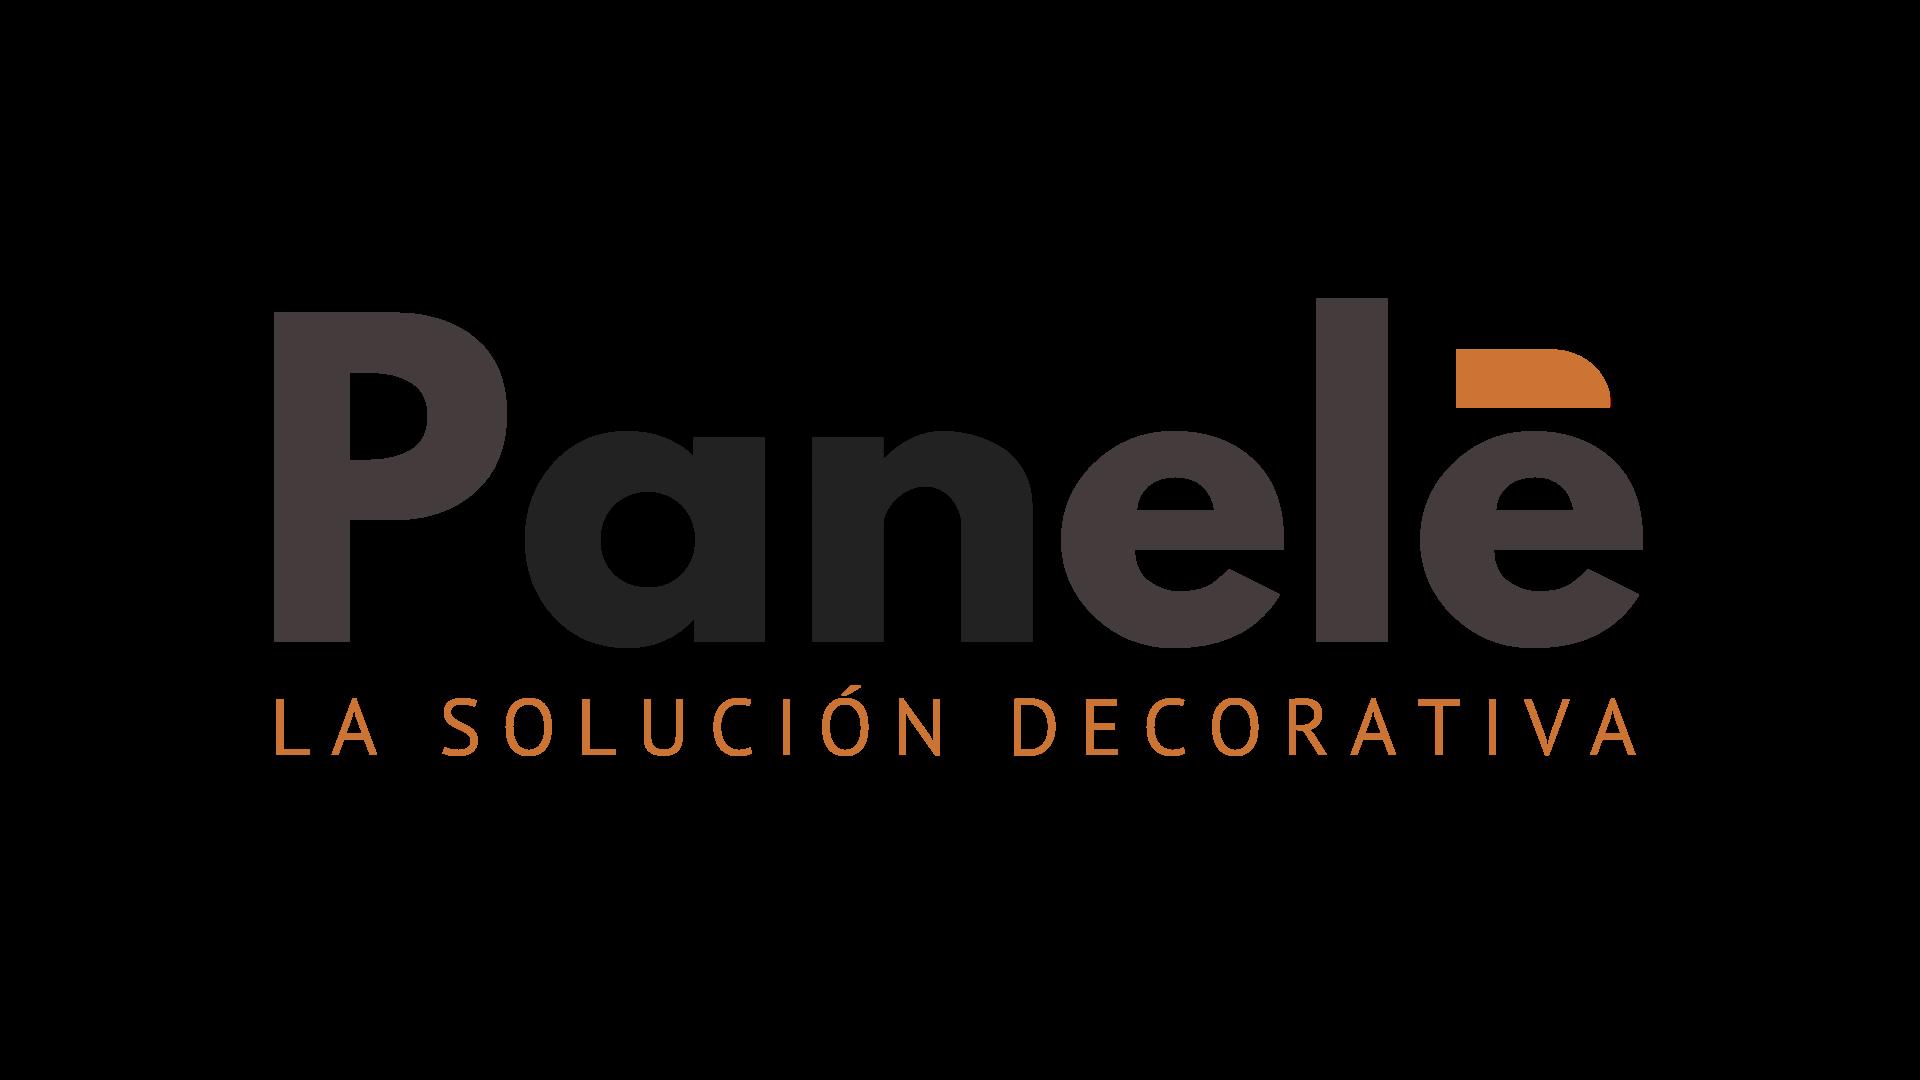 Paneles Decorativos, Piedra, Metal, Madera, Texturas Específicas